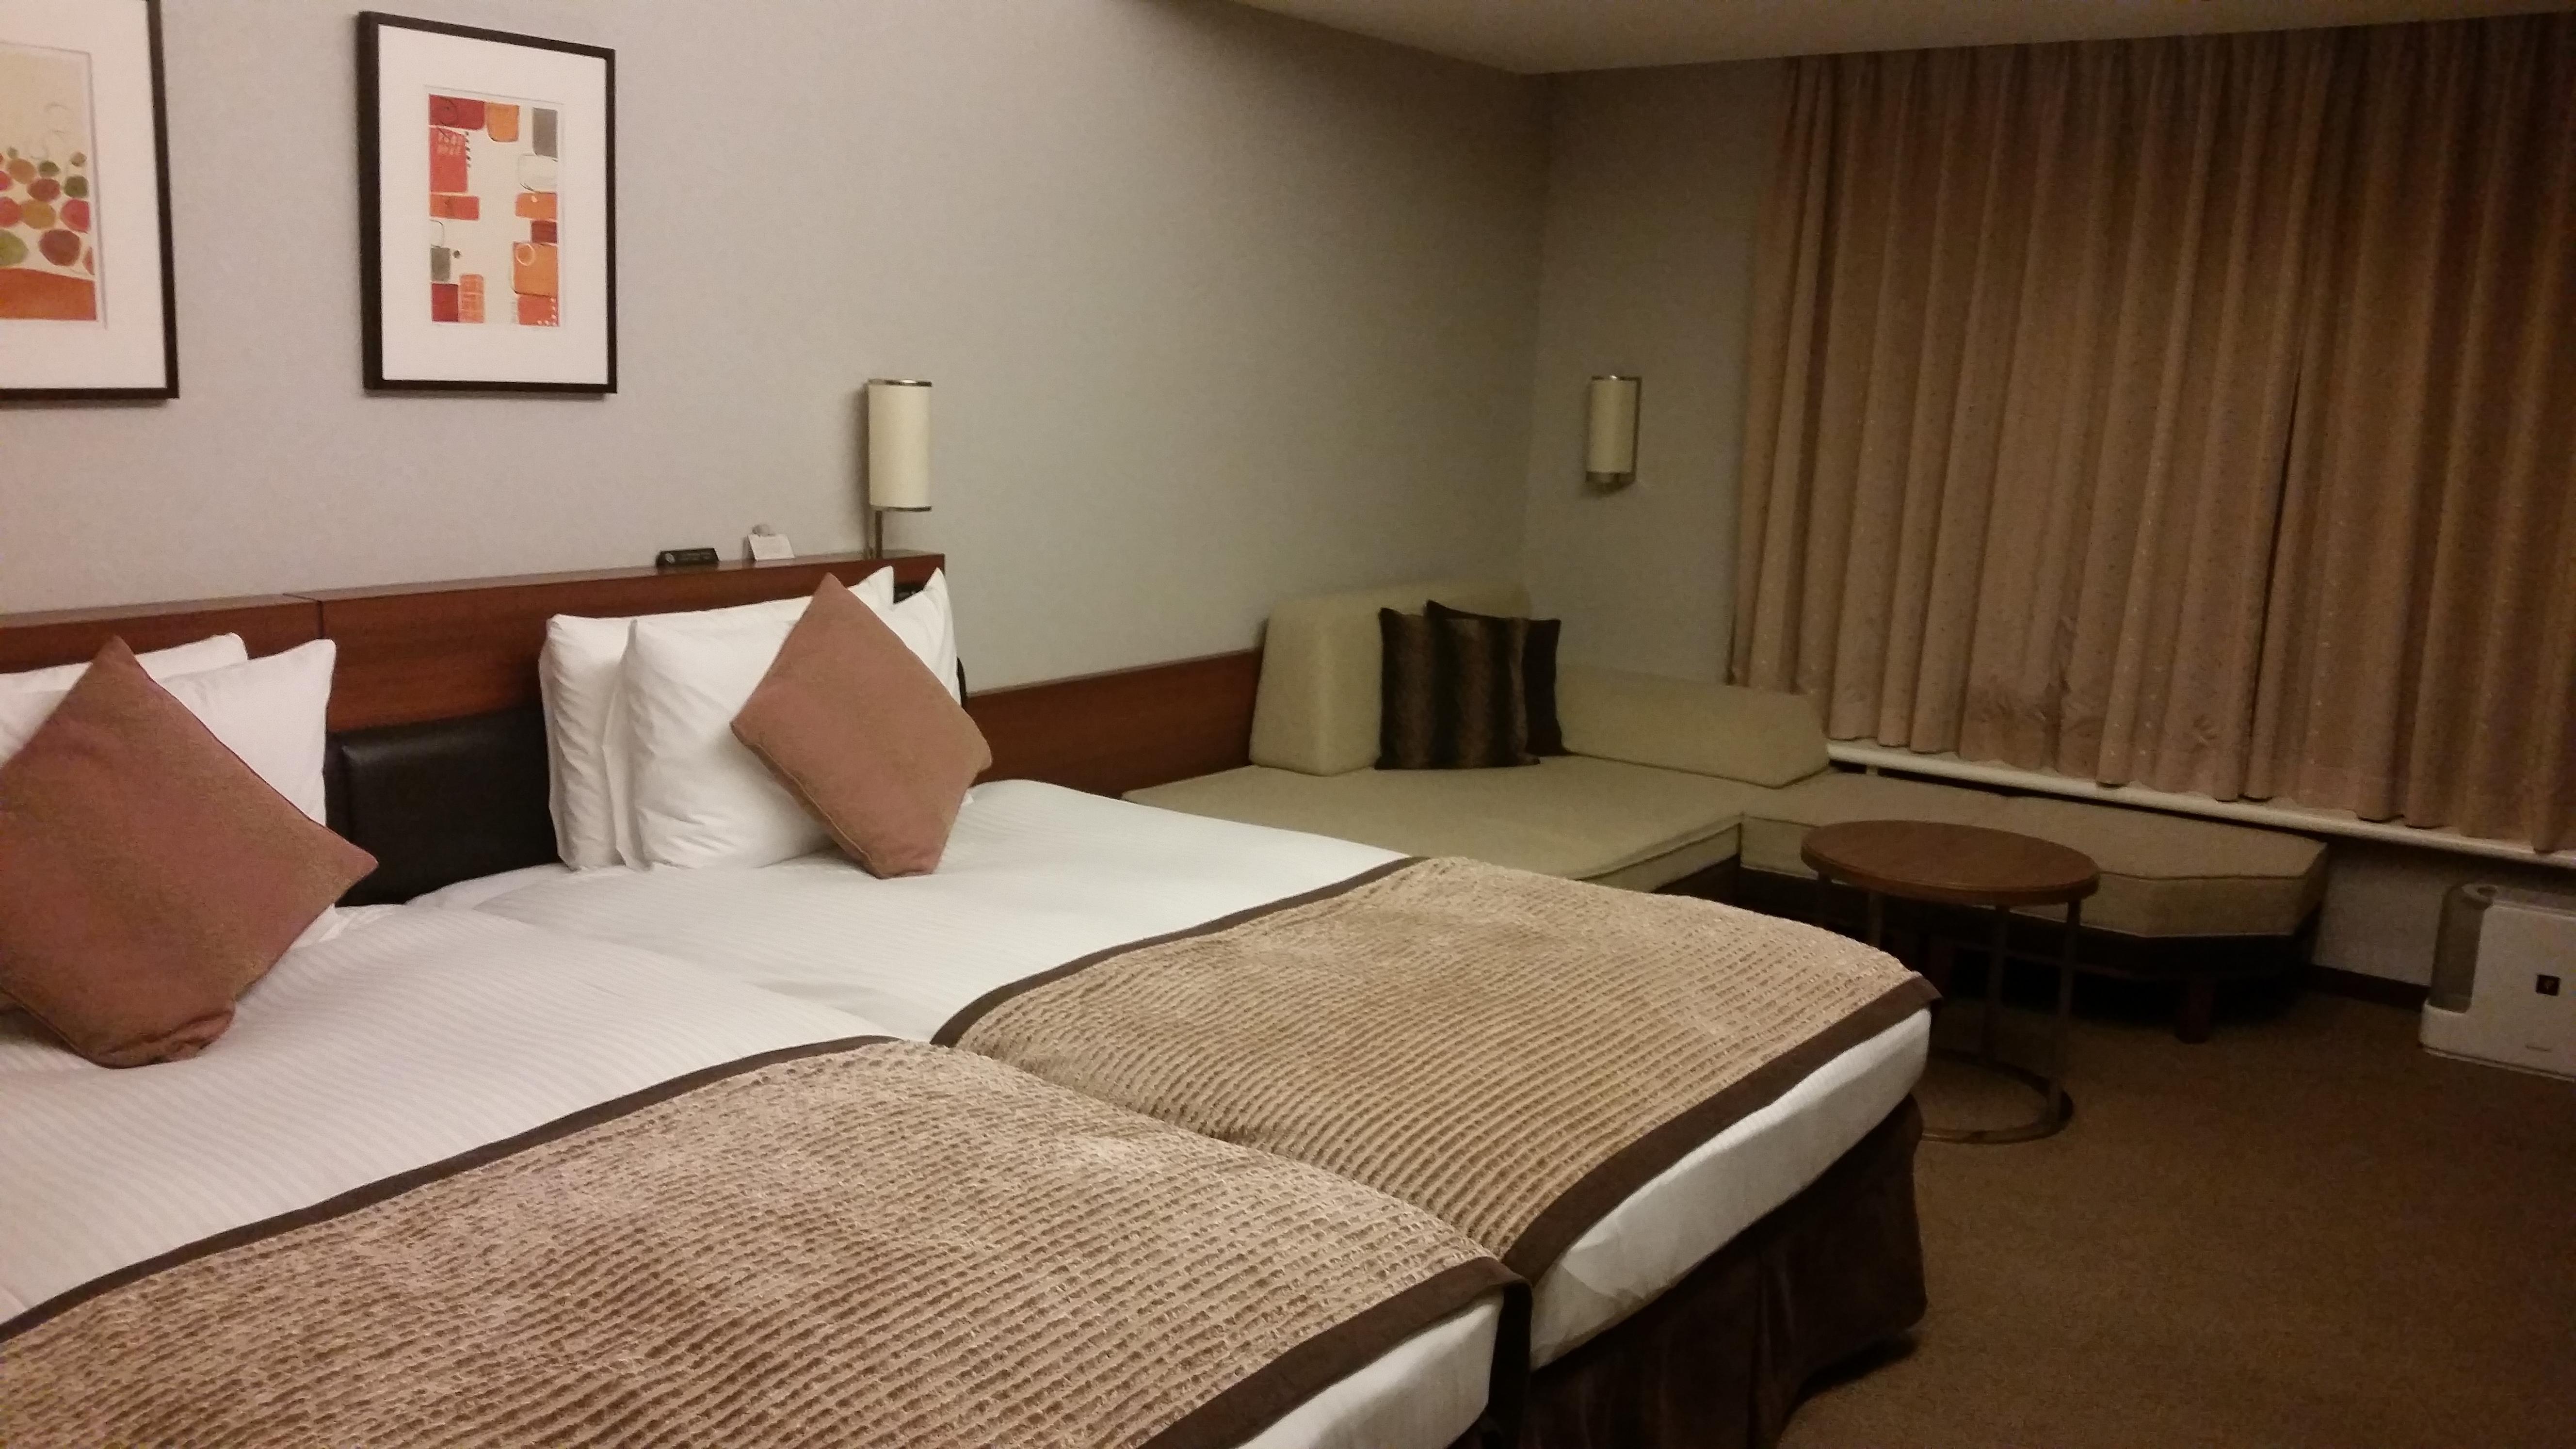 ディズニーオフィシャルホテル・東京ベイ舞浜ホテルの感想 | 東京